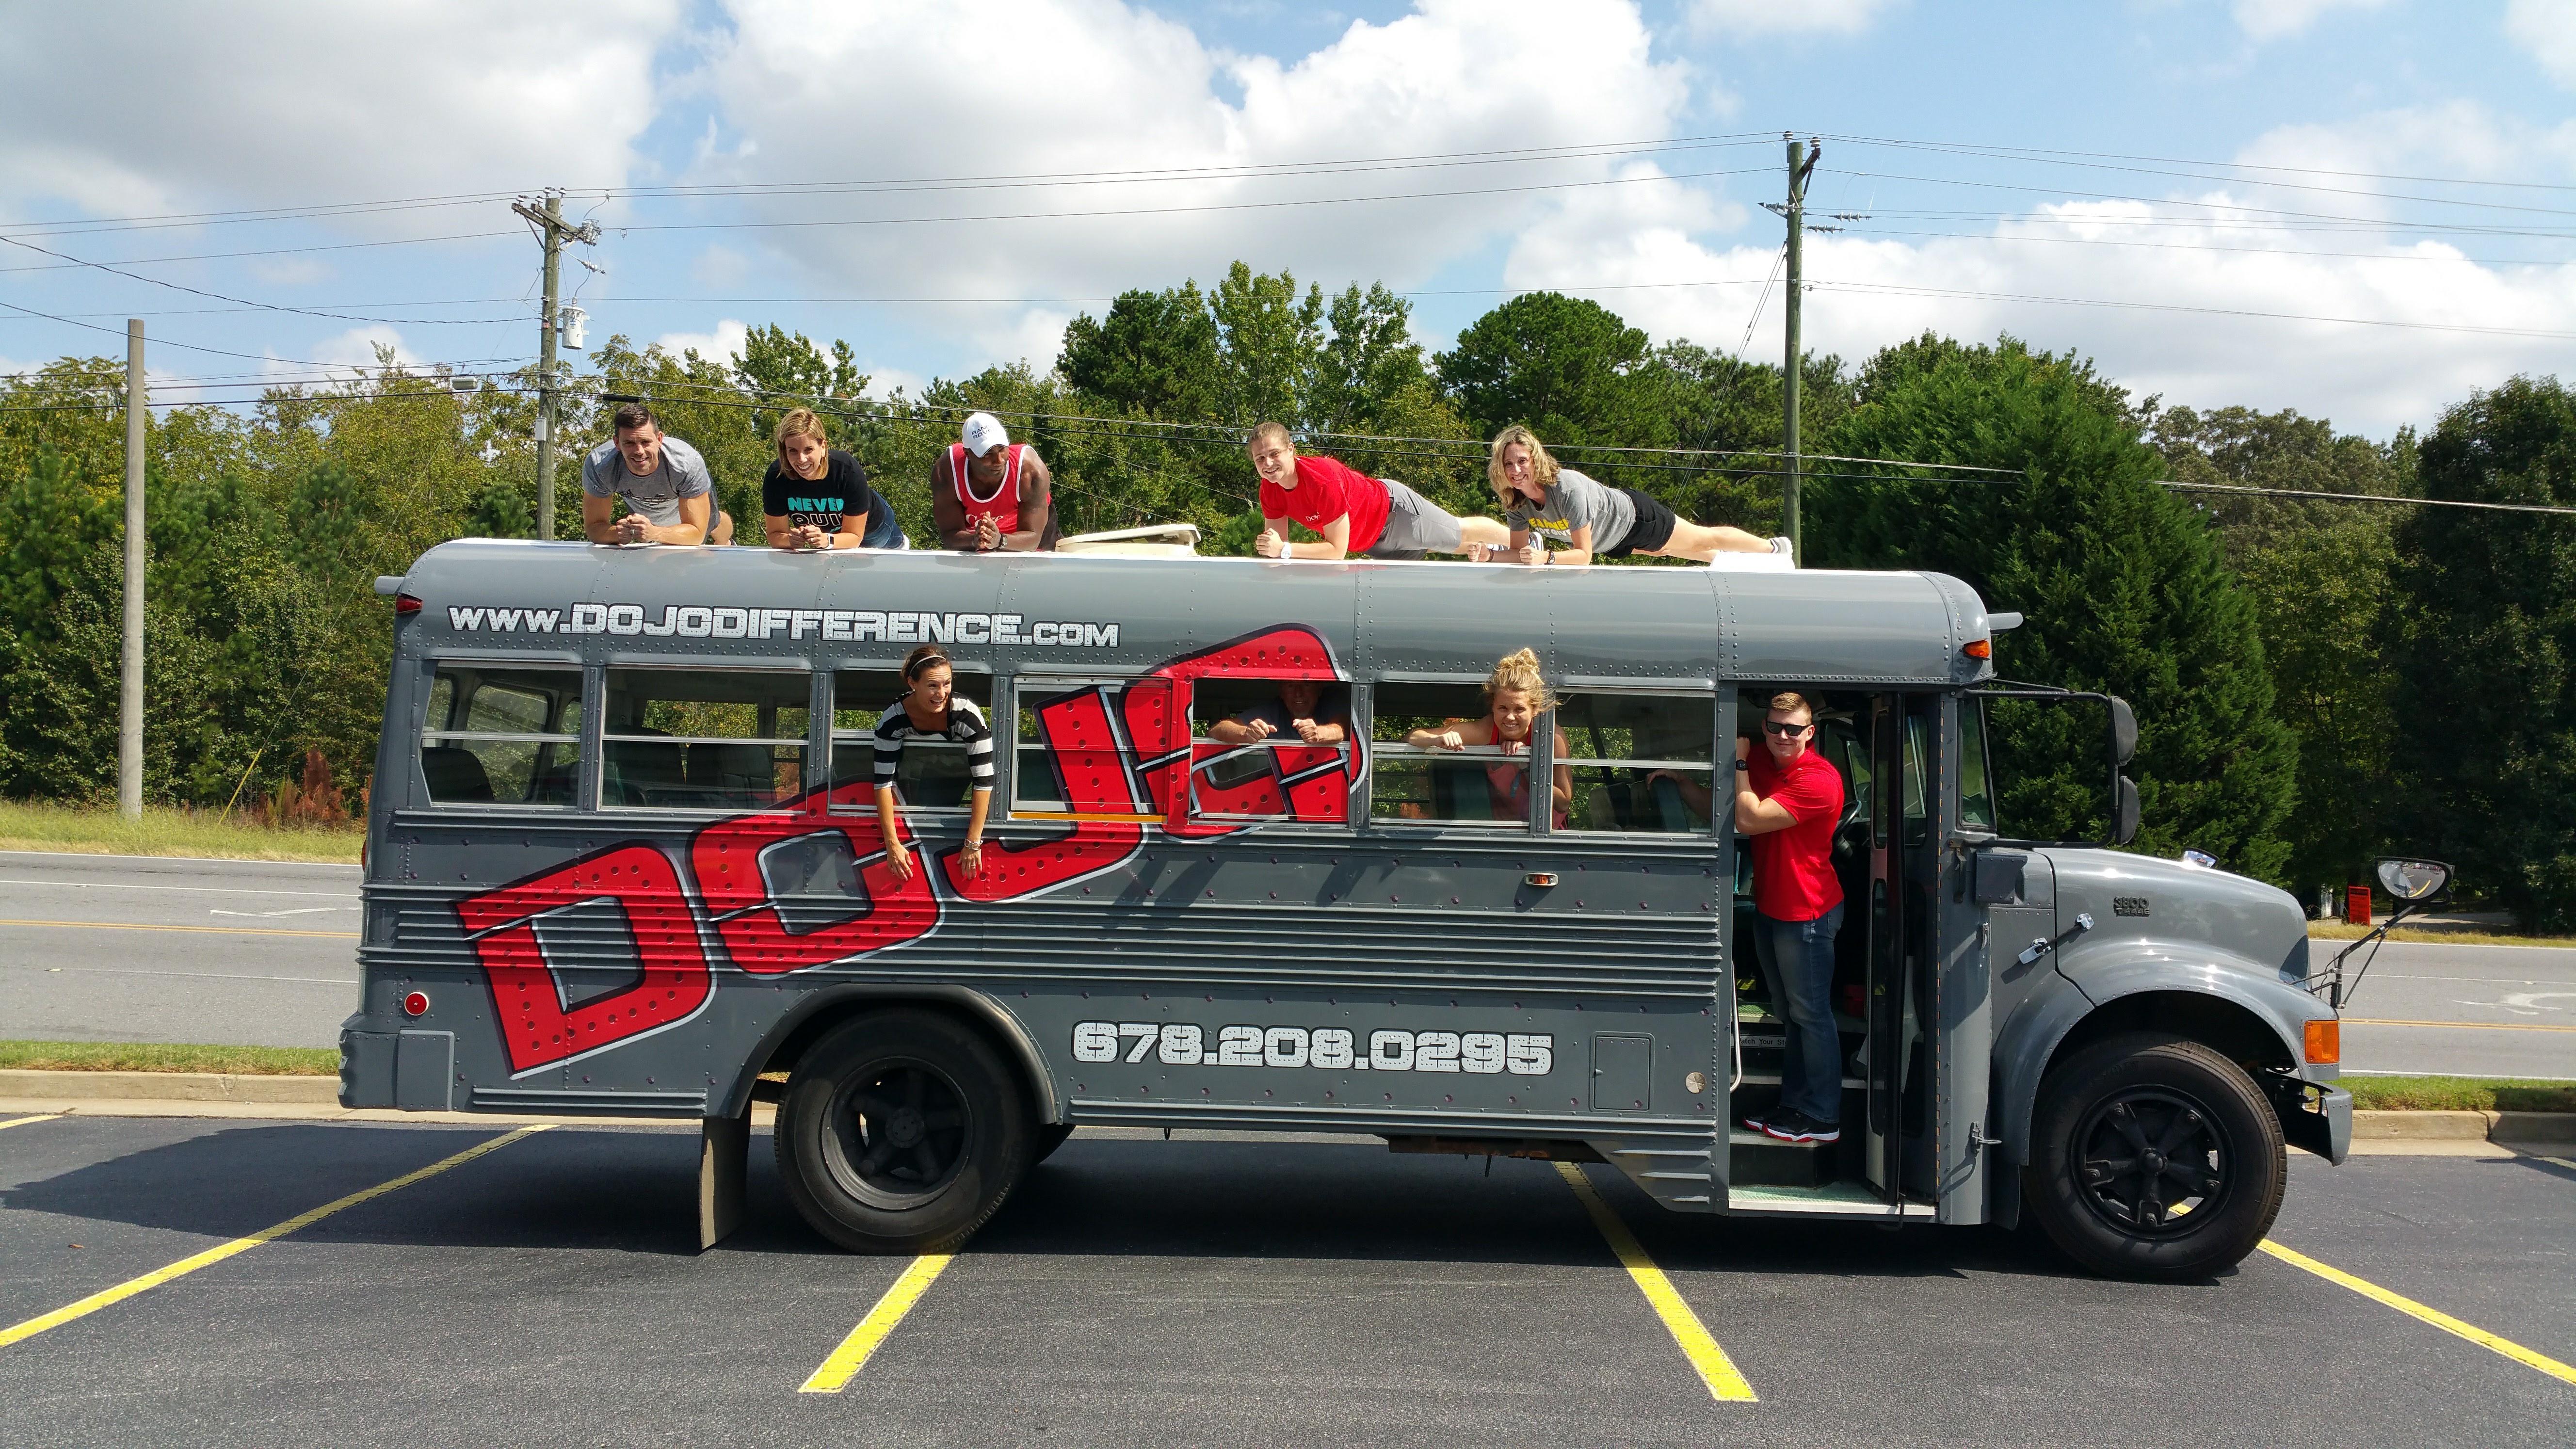 Dojo Bus